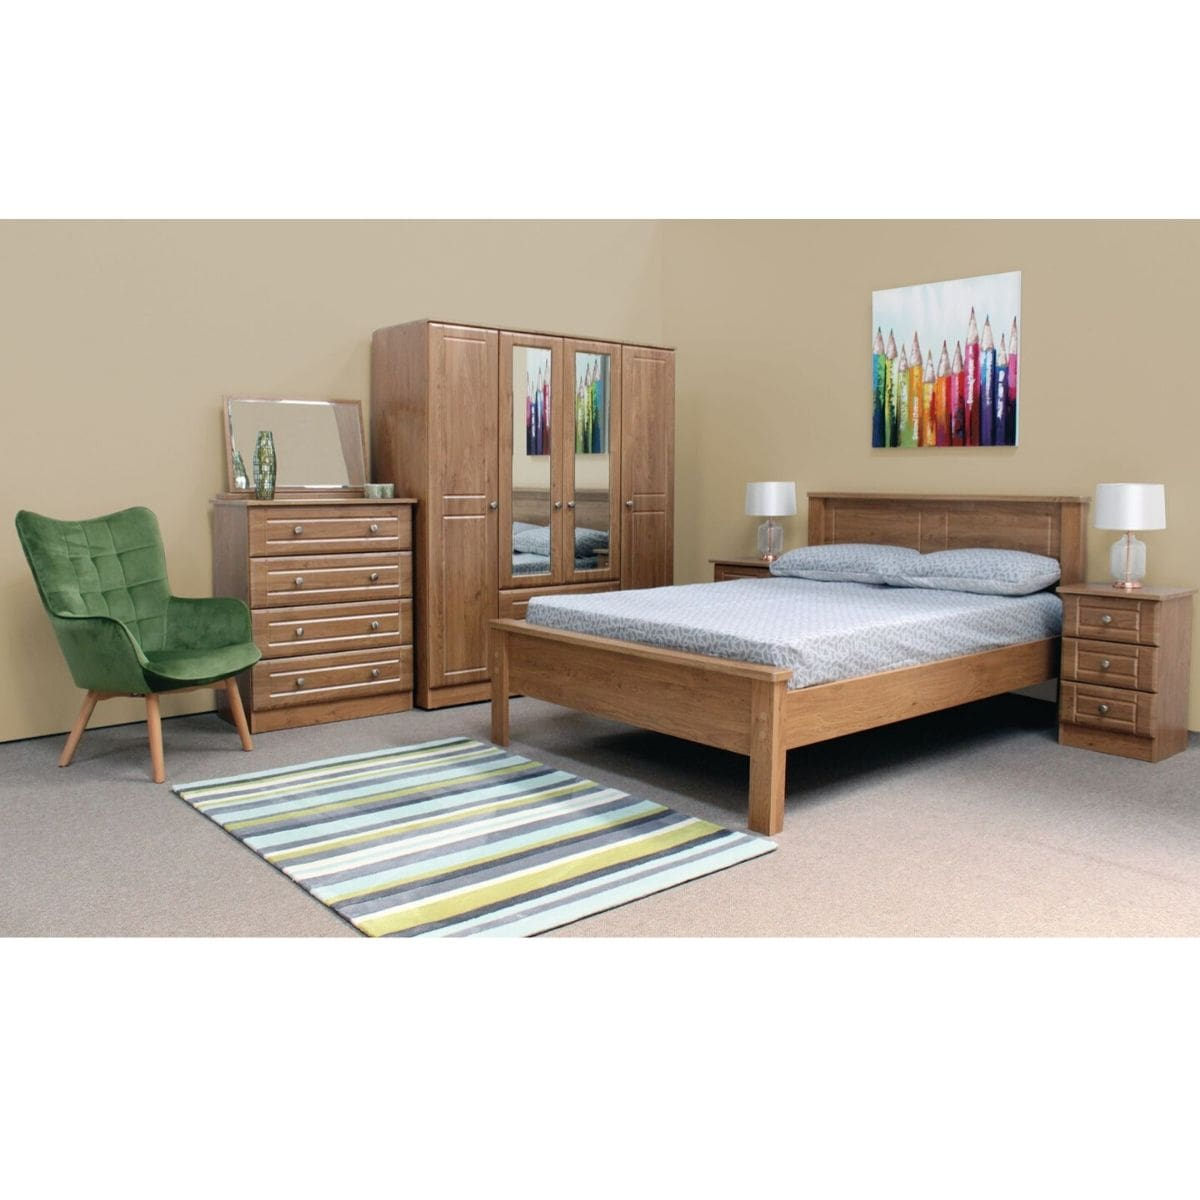 Nore Oak Wardrobe - 19 Options